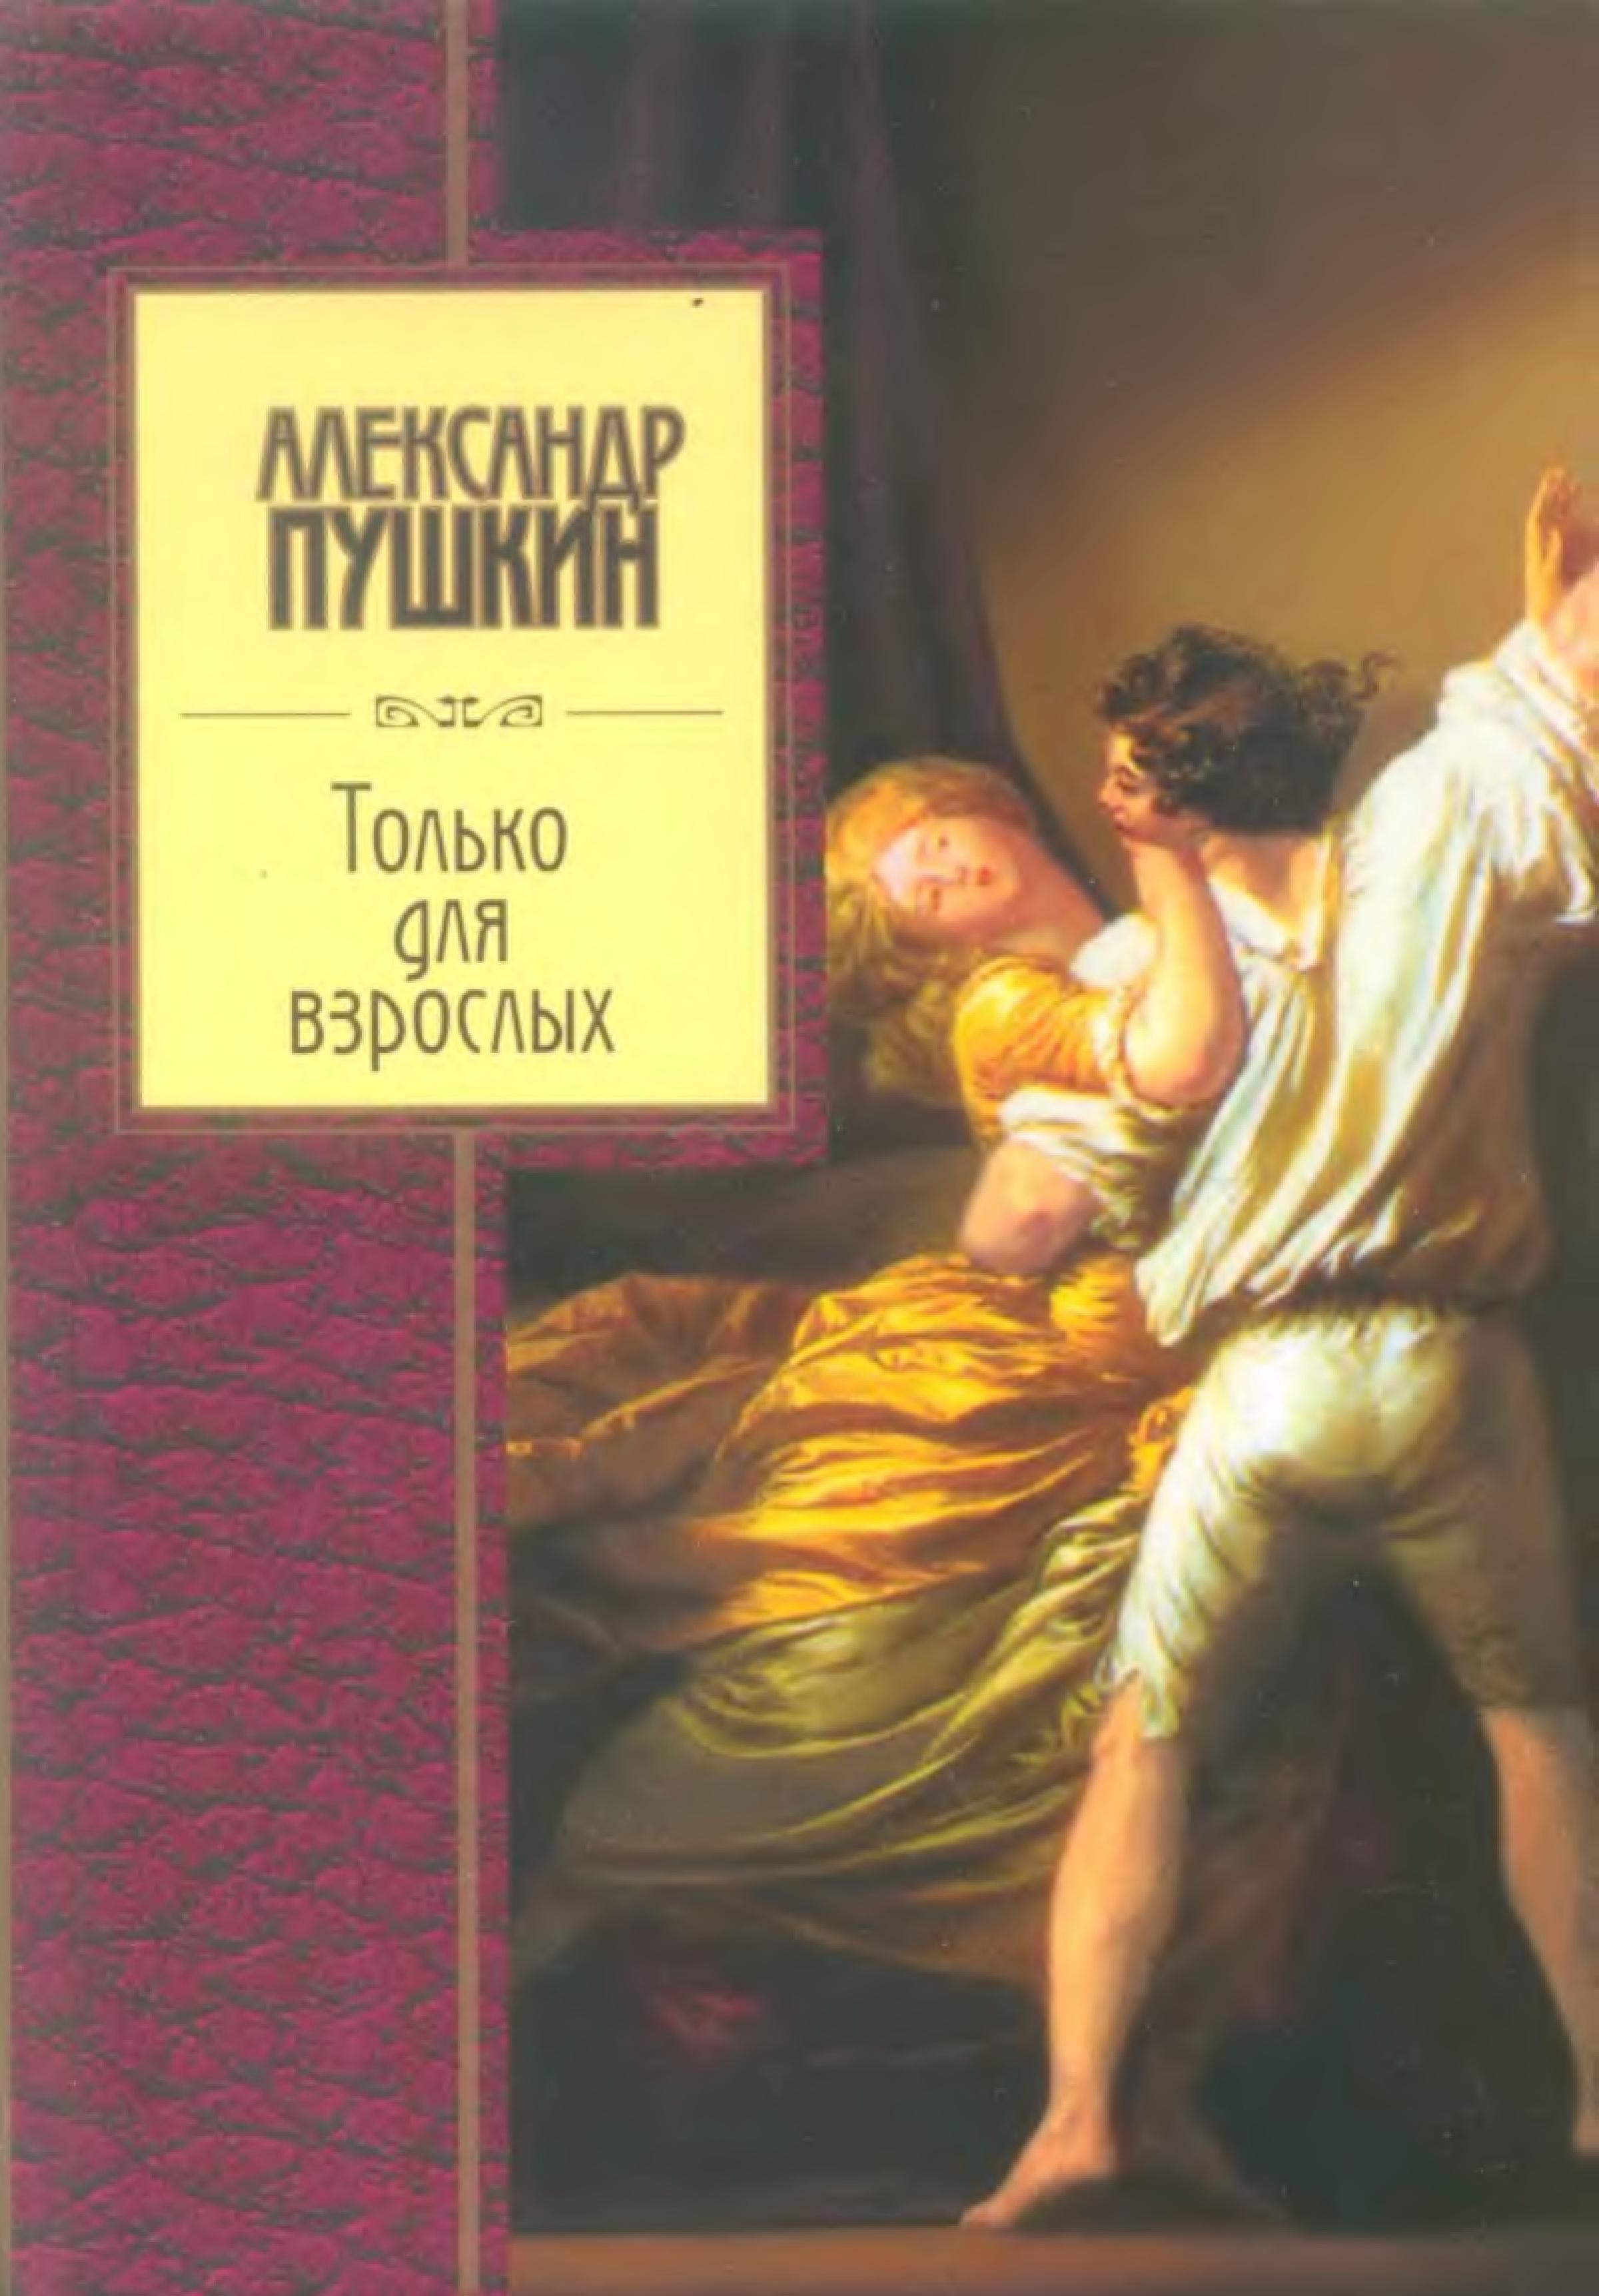 Пушкин про секс 16 фотография